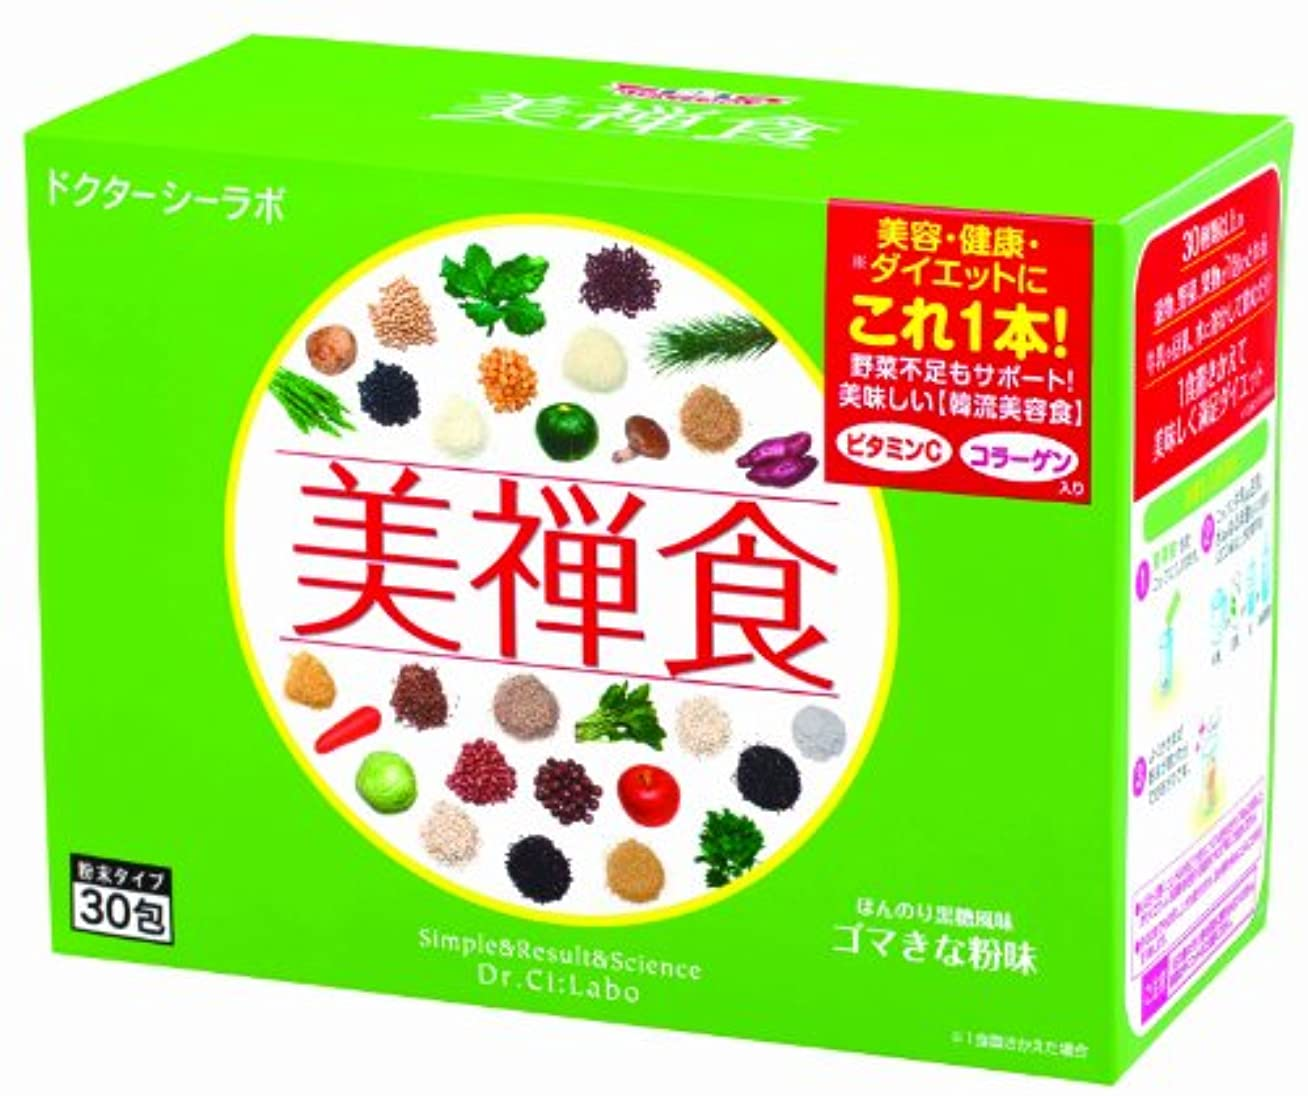 受粉者明らかにする矢印ドクターシーラボ 美禅食 462g(15.4g×30包) ダイエットシェイク